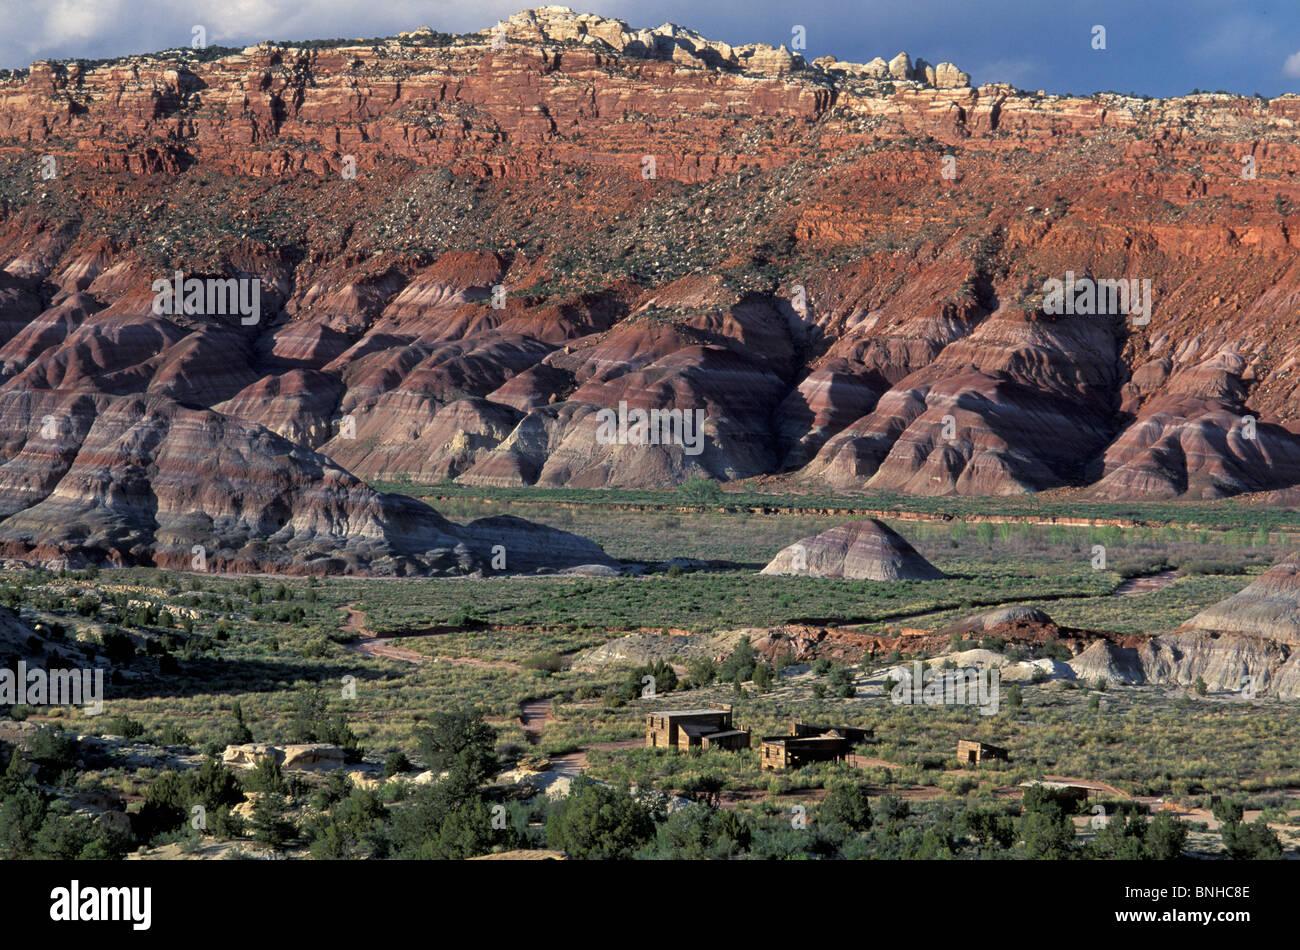 Estados Unidos Utah Kanab Paria Película conjunto Grand Staircase Escalante National Monument Paisaje de casas Imagen De Stock